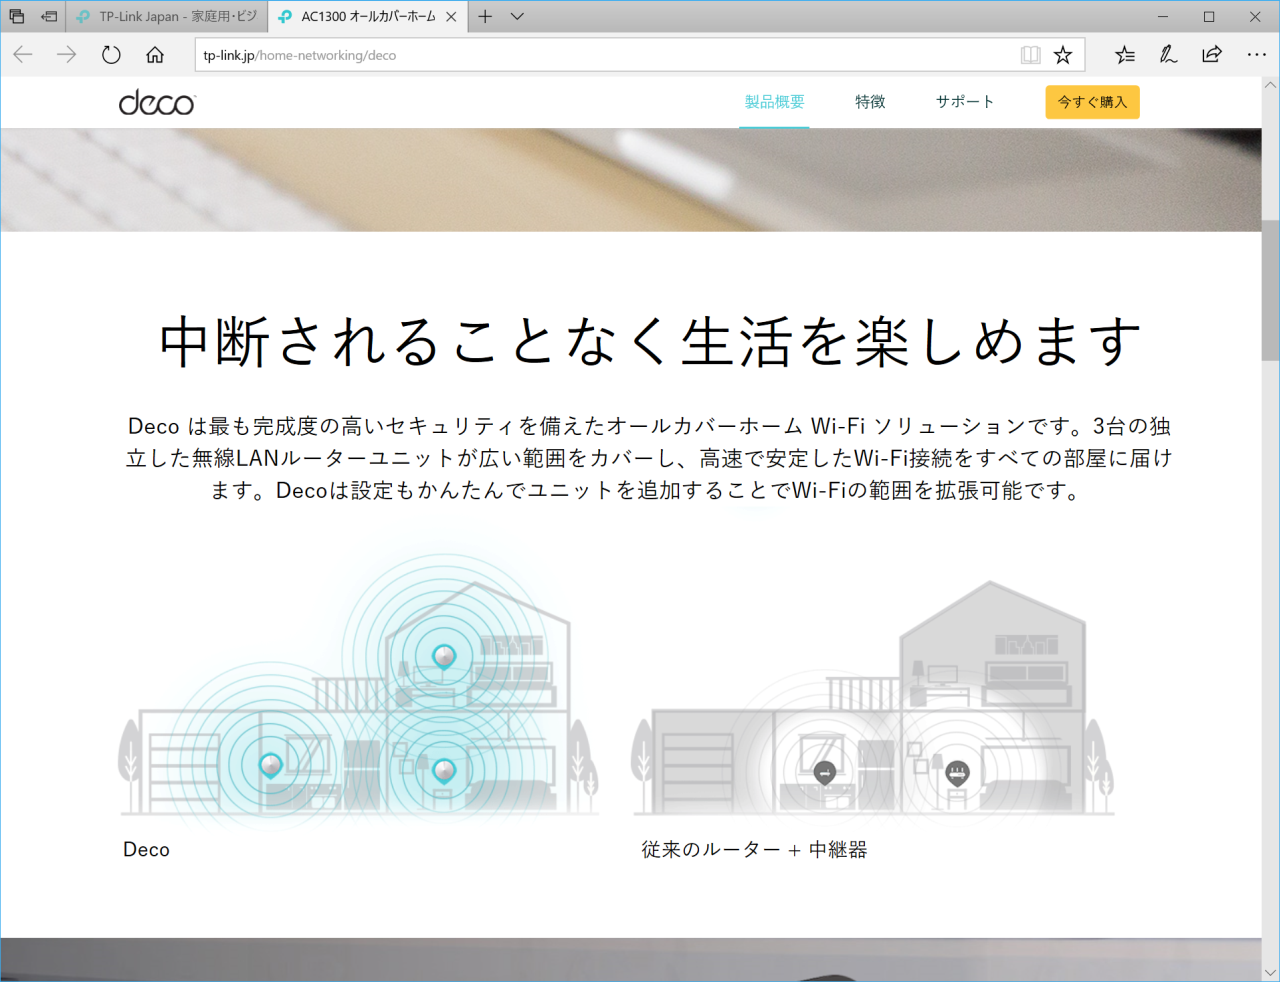 """Deco M5の<a href=""""http://www.tp-link.jp/home-networking/deco/"""" class=""""n"""" target=""""_blank"""">ウェブページ</a>。3台セットで使うイメージが紹介されている"""